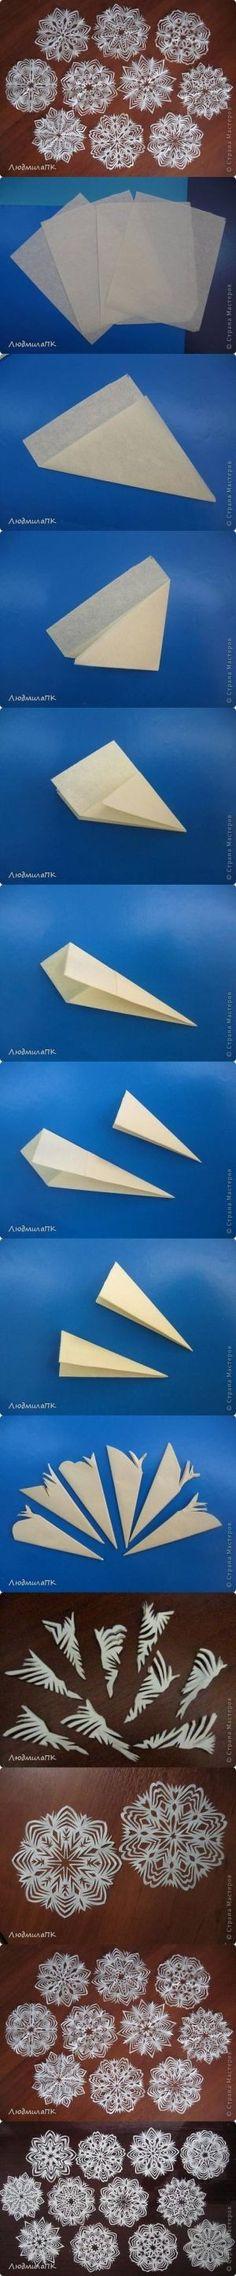 DIY výrobu papíru Snowflake Method DIY výrobu papíru Snowflake metoda by diyforever